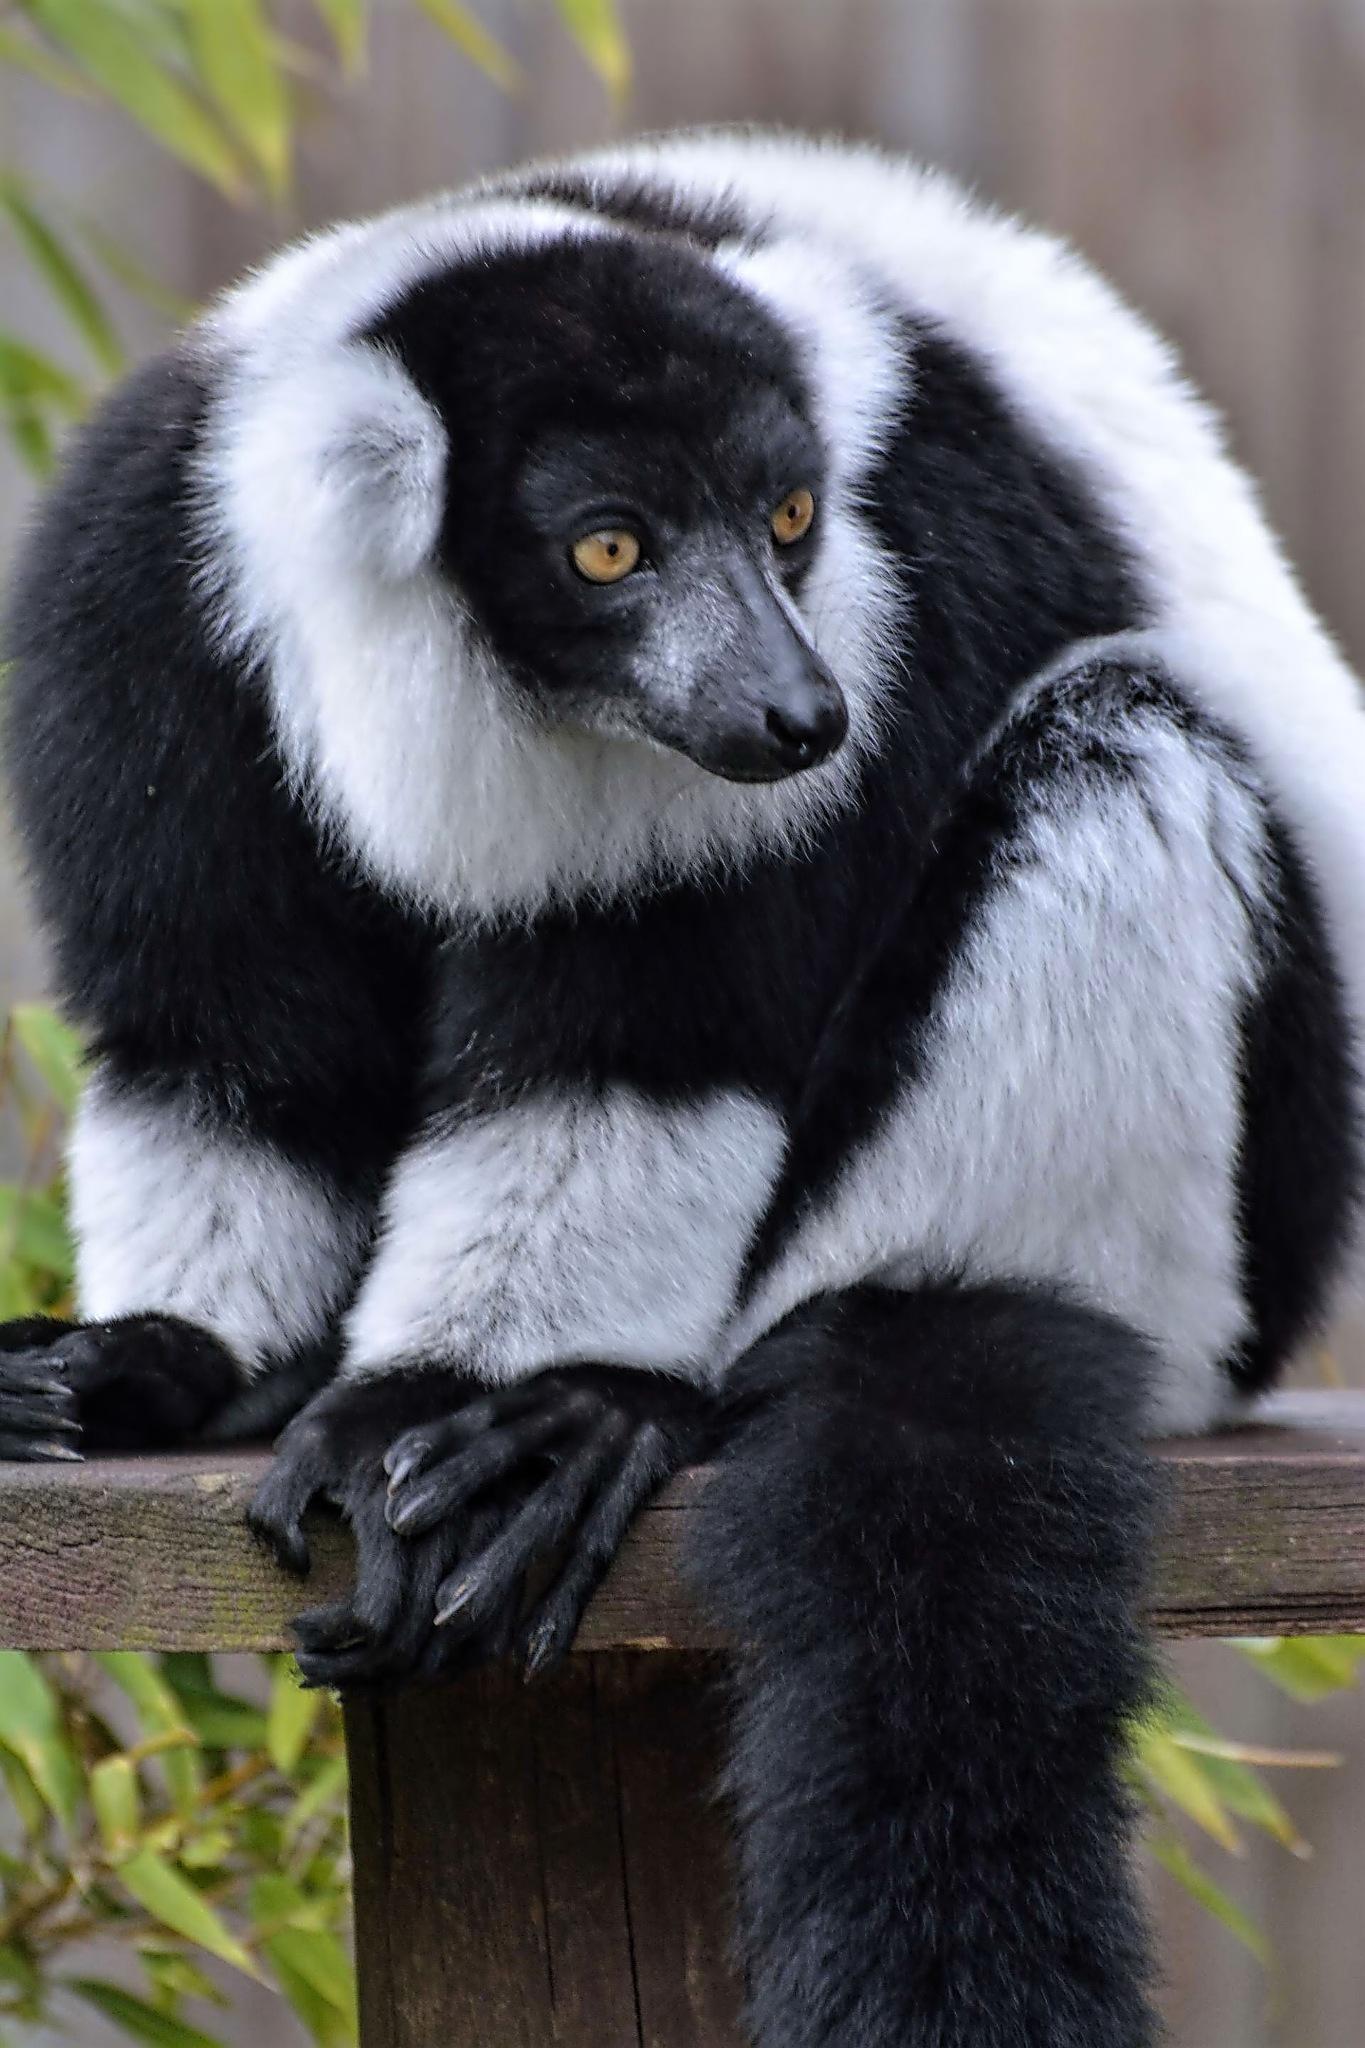 Black and white Ruffed Lemur by ianstandivan